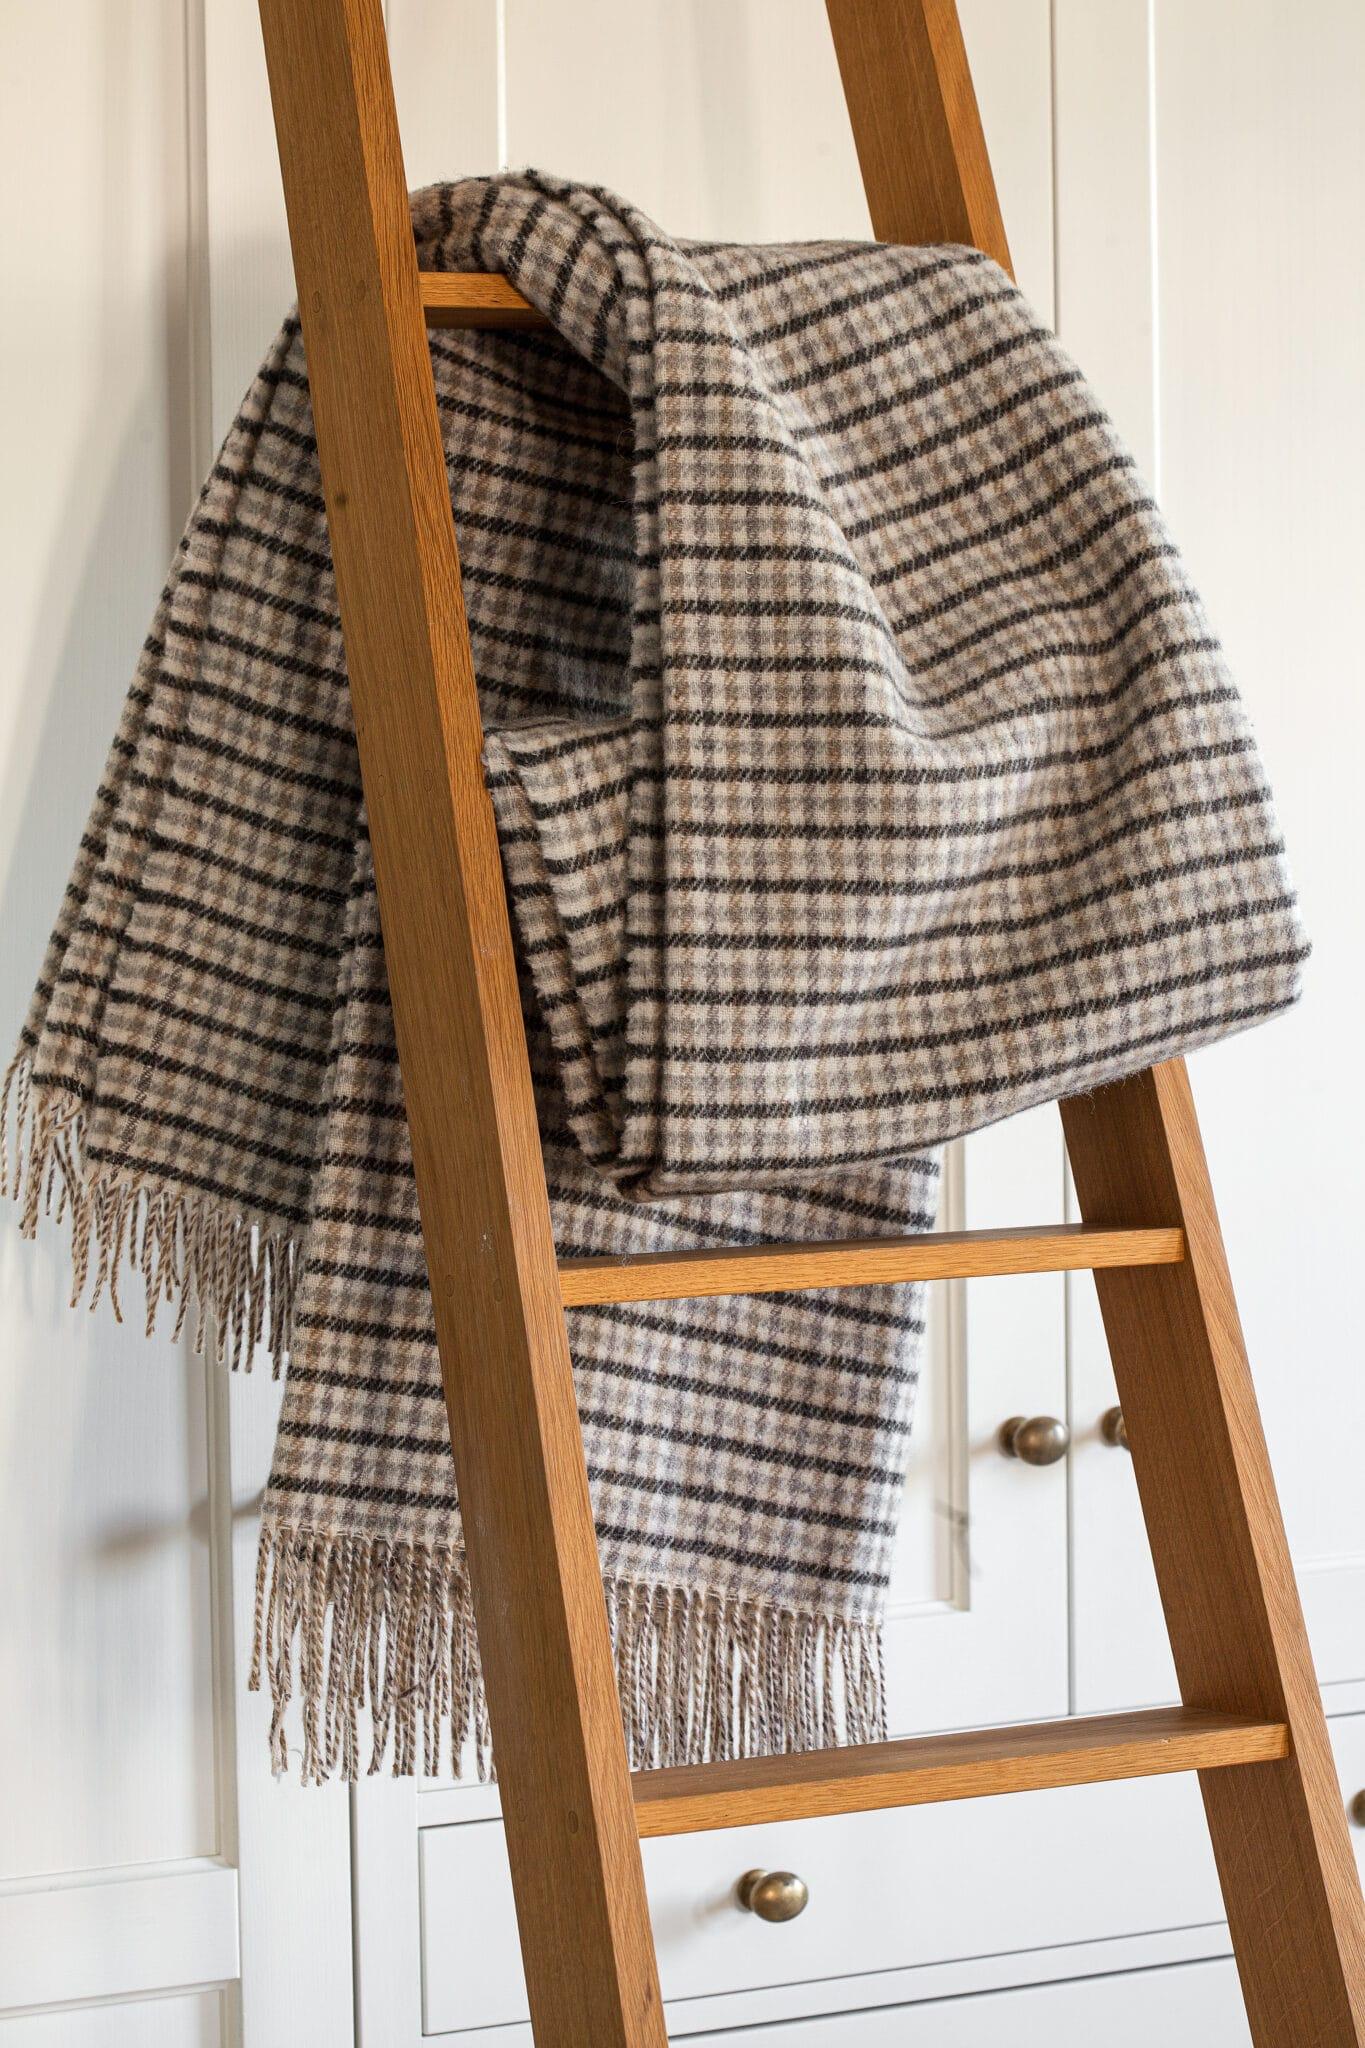 Uma escada de mão com um cobertor estendido sobre um degrau.